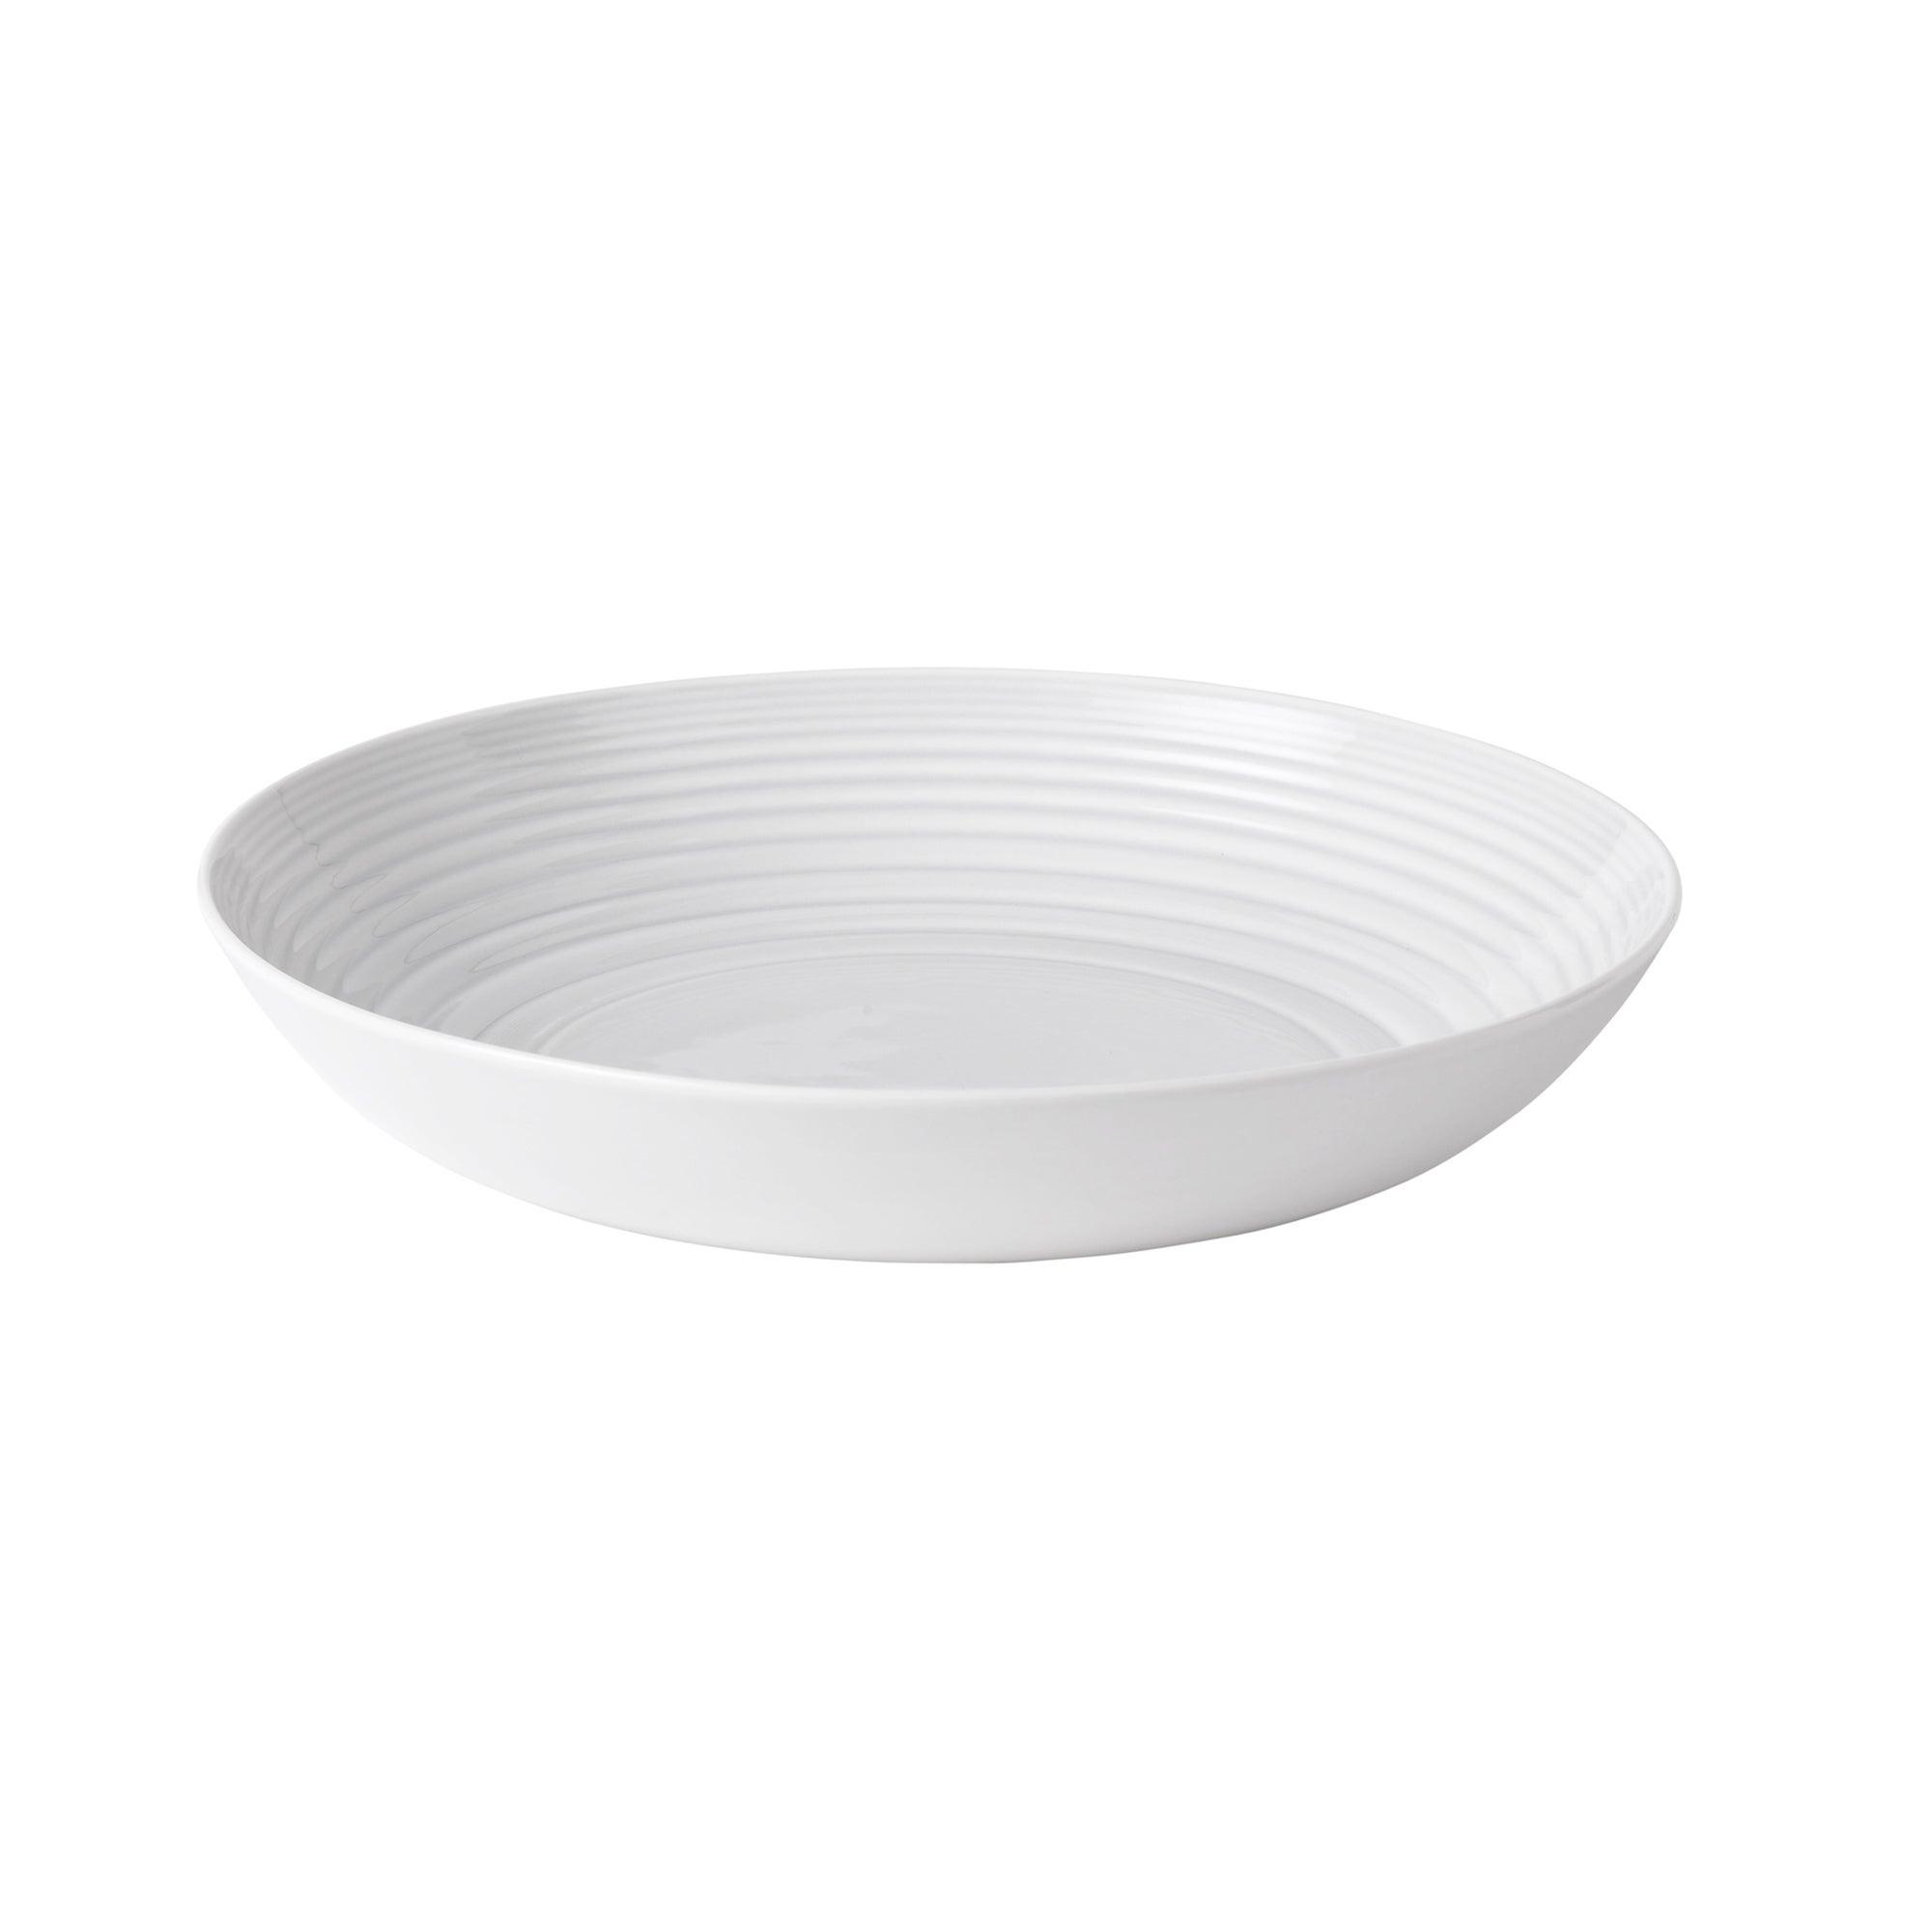 Photo of Gordon ramsay white maze serving bowl white